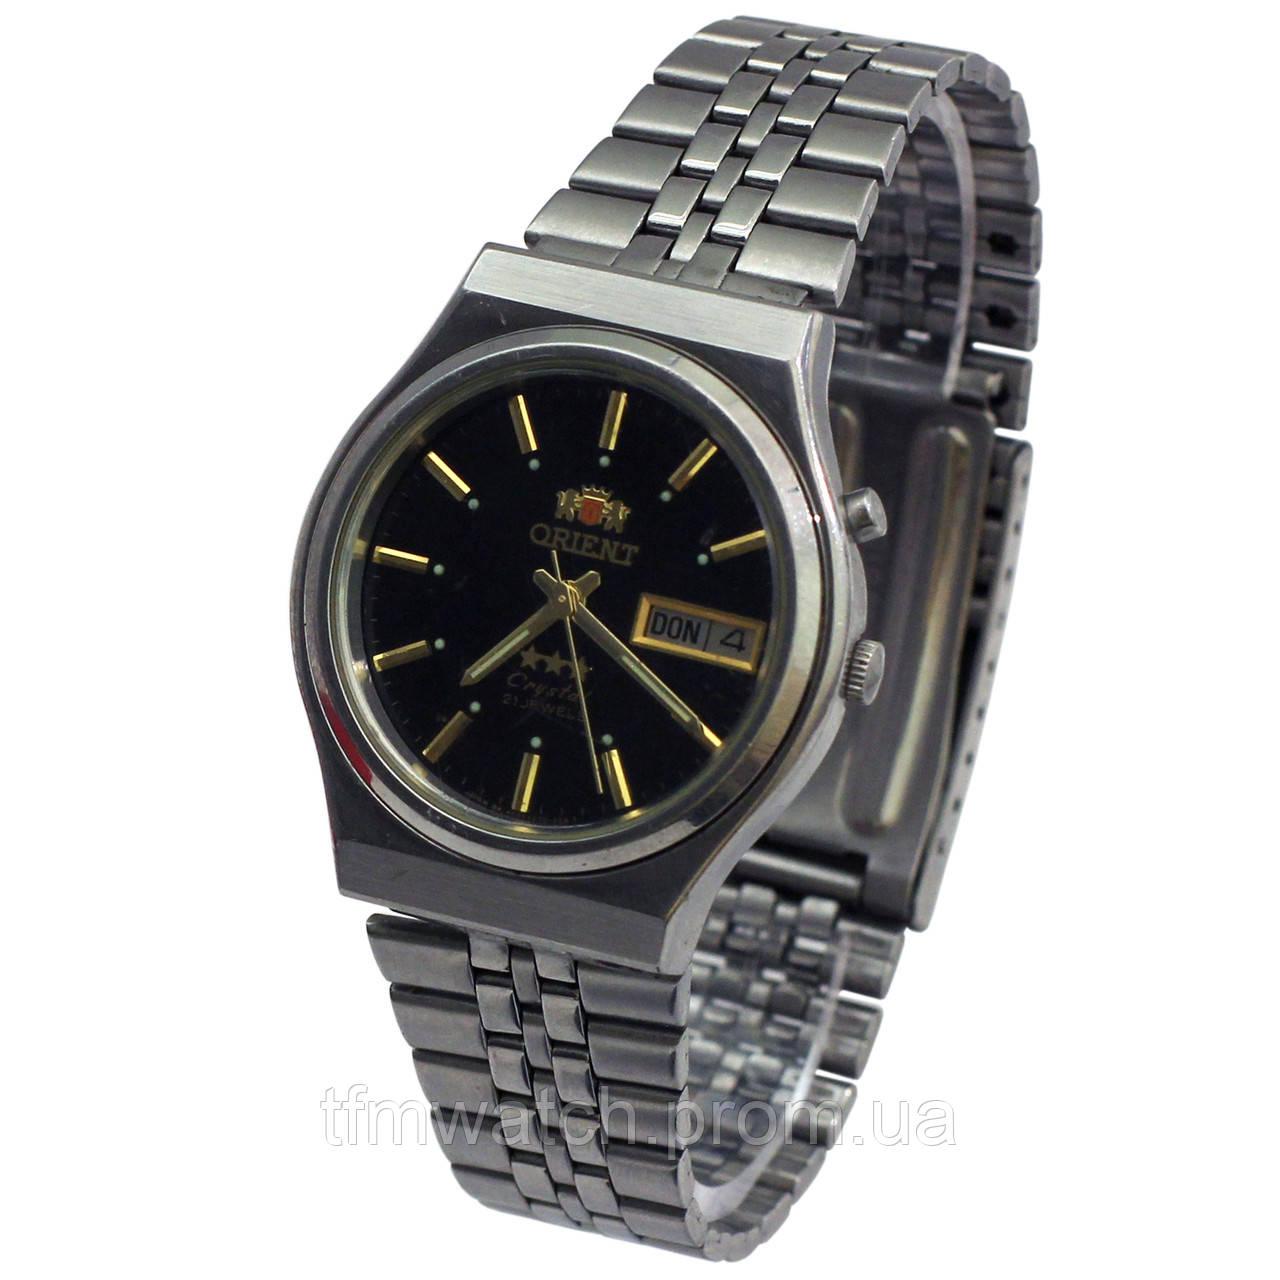 a0f090fb Часы Ориент с автоподзаводом - Магазин старинных, винтажных и антикварных  часов TFMwatch в России